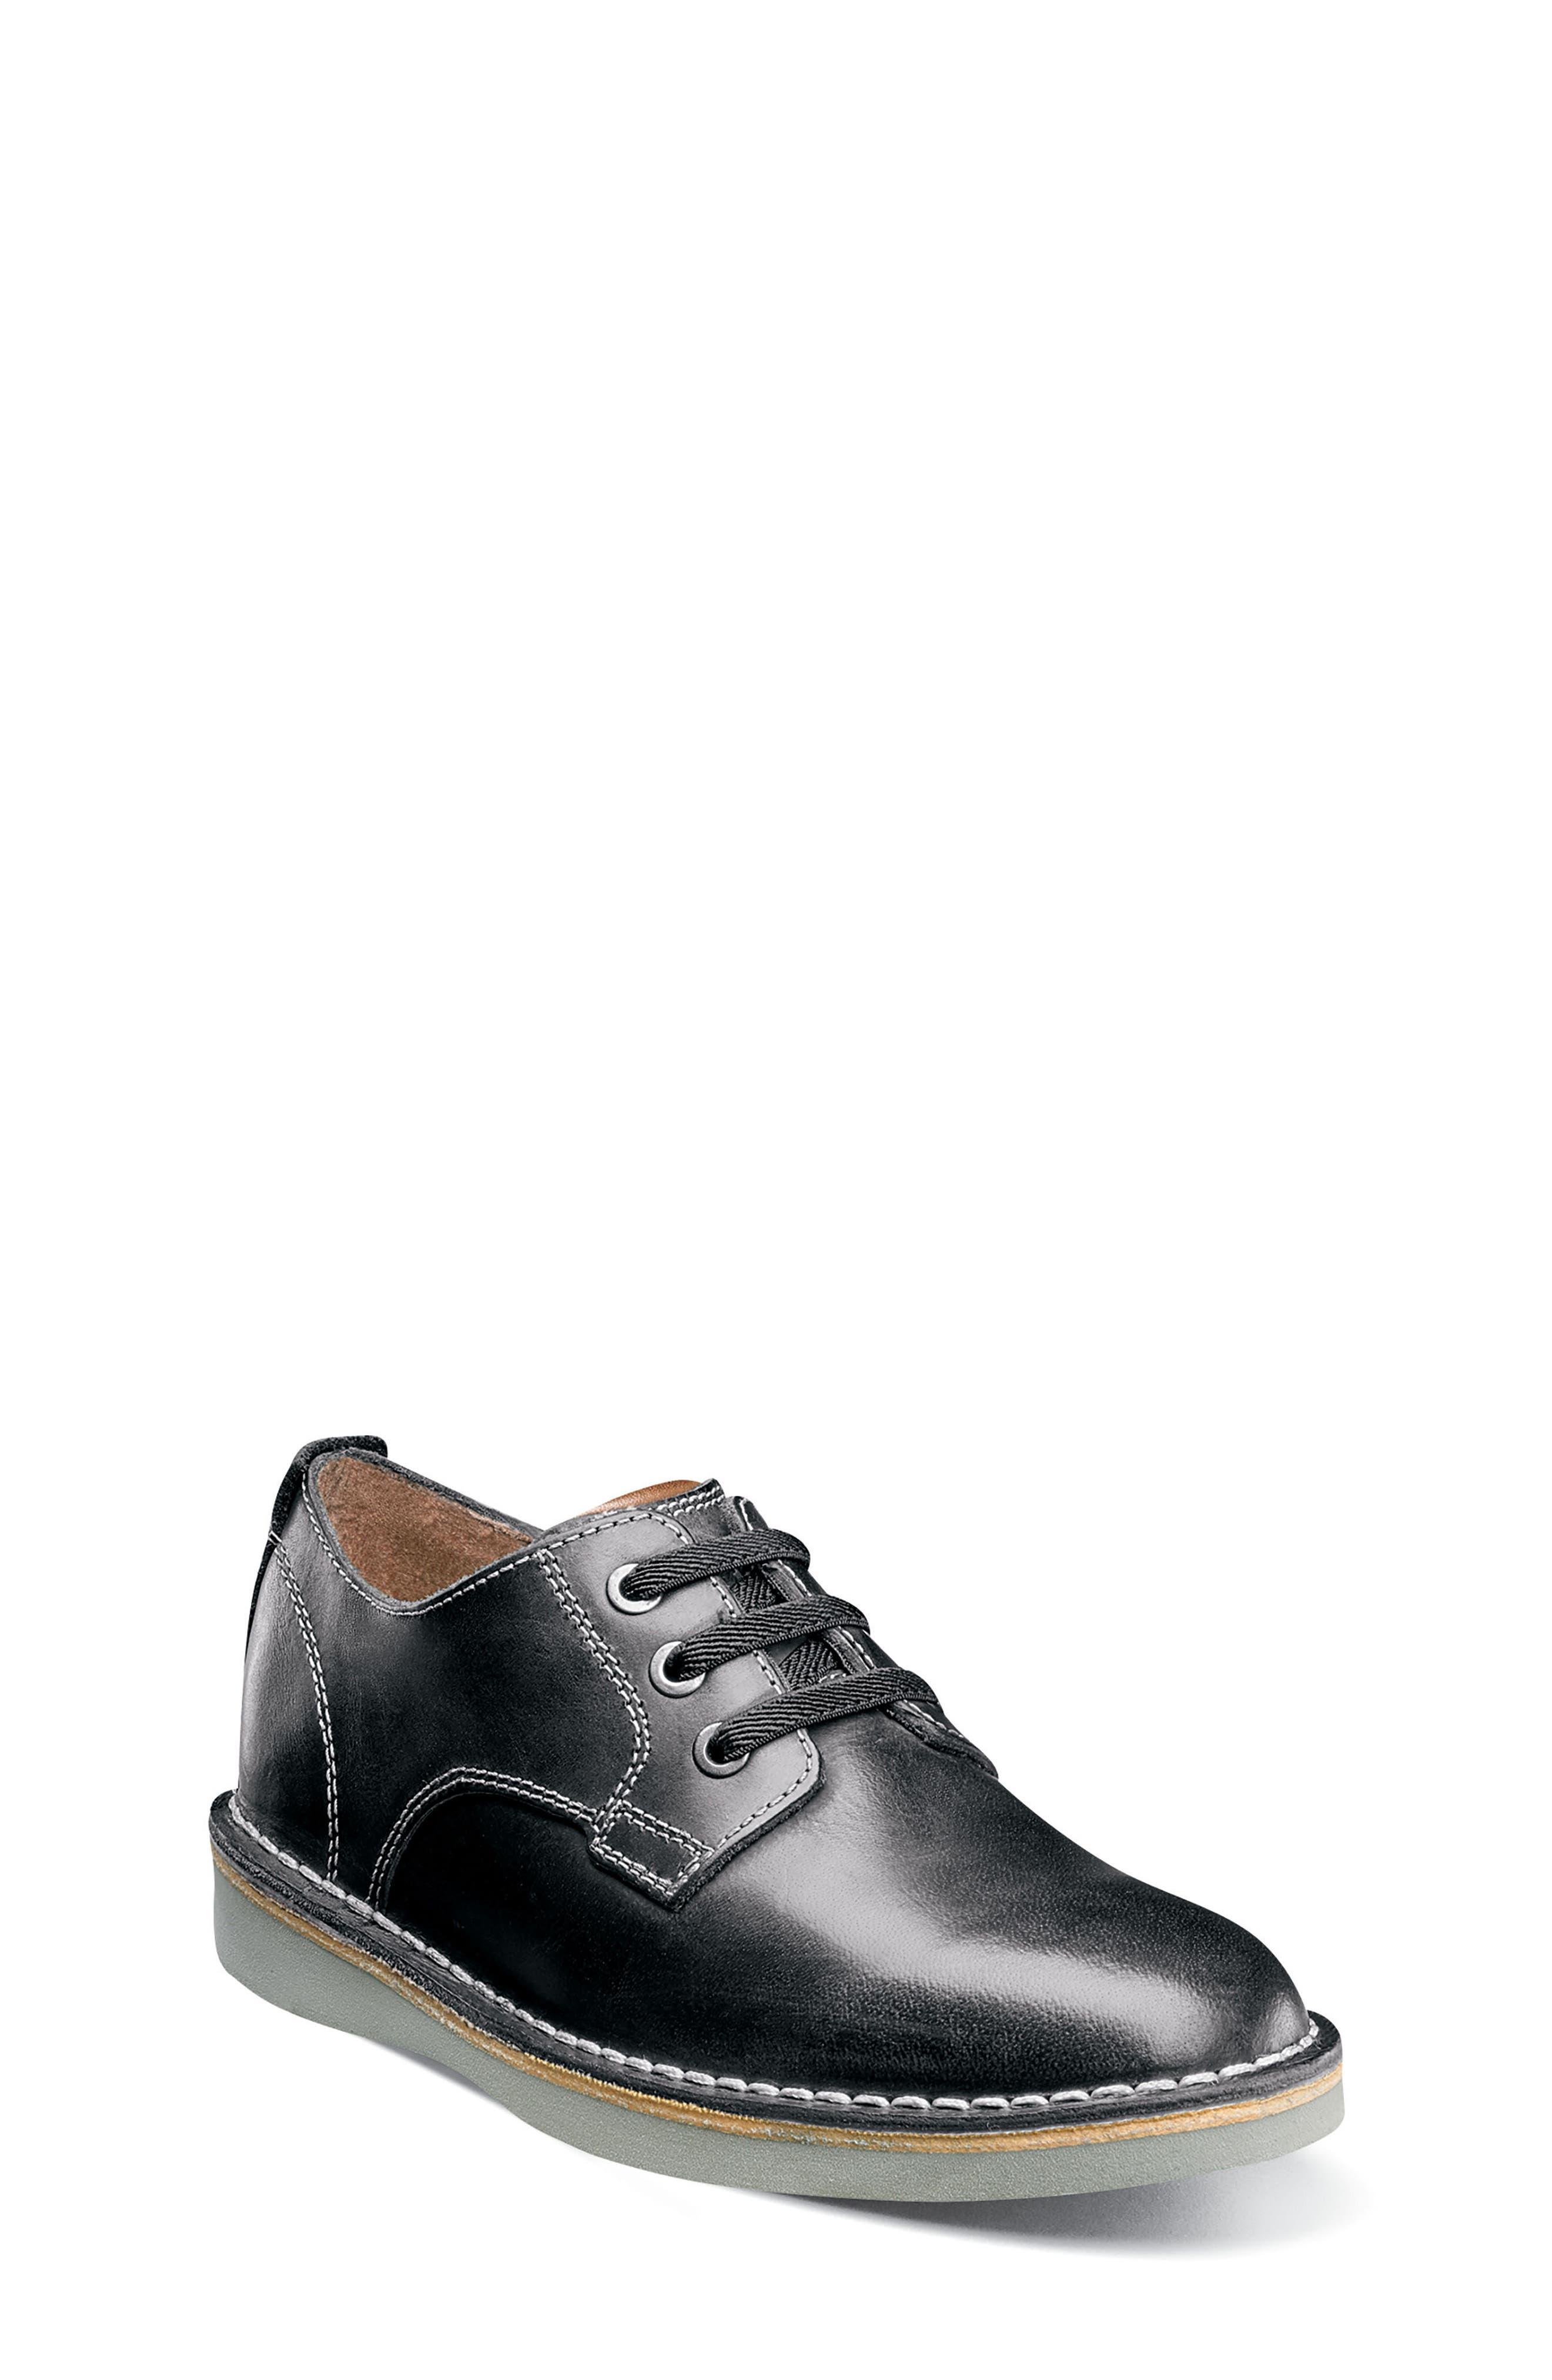 FLORSHEIM, Navigator JR Plain Toe Oxford, Main thumbnail 1, color, BLACK LEATHER